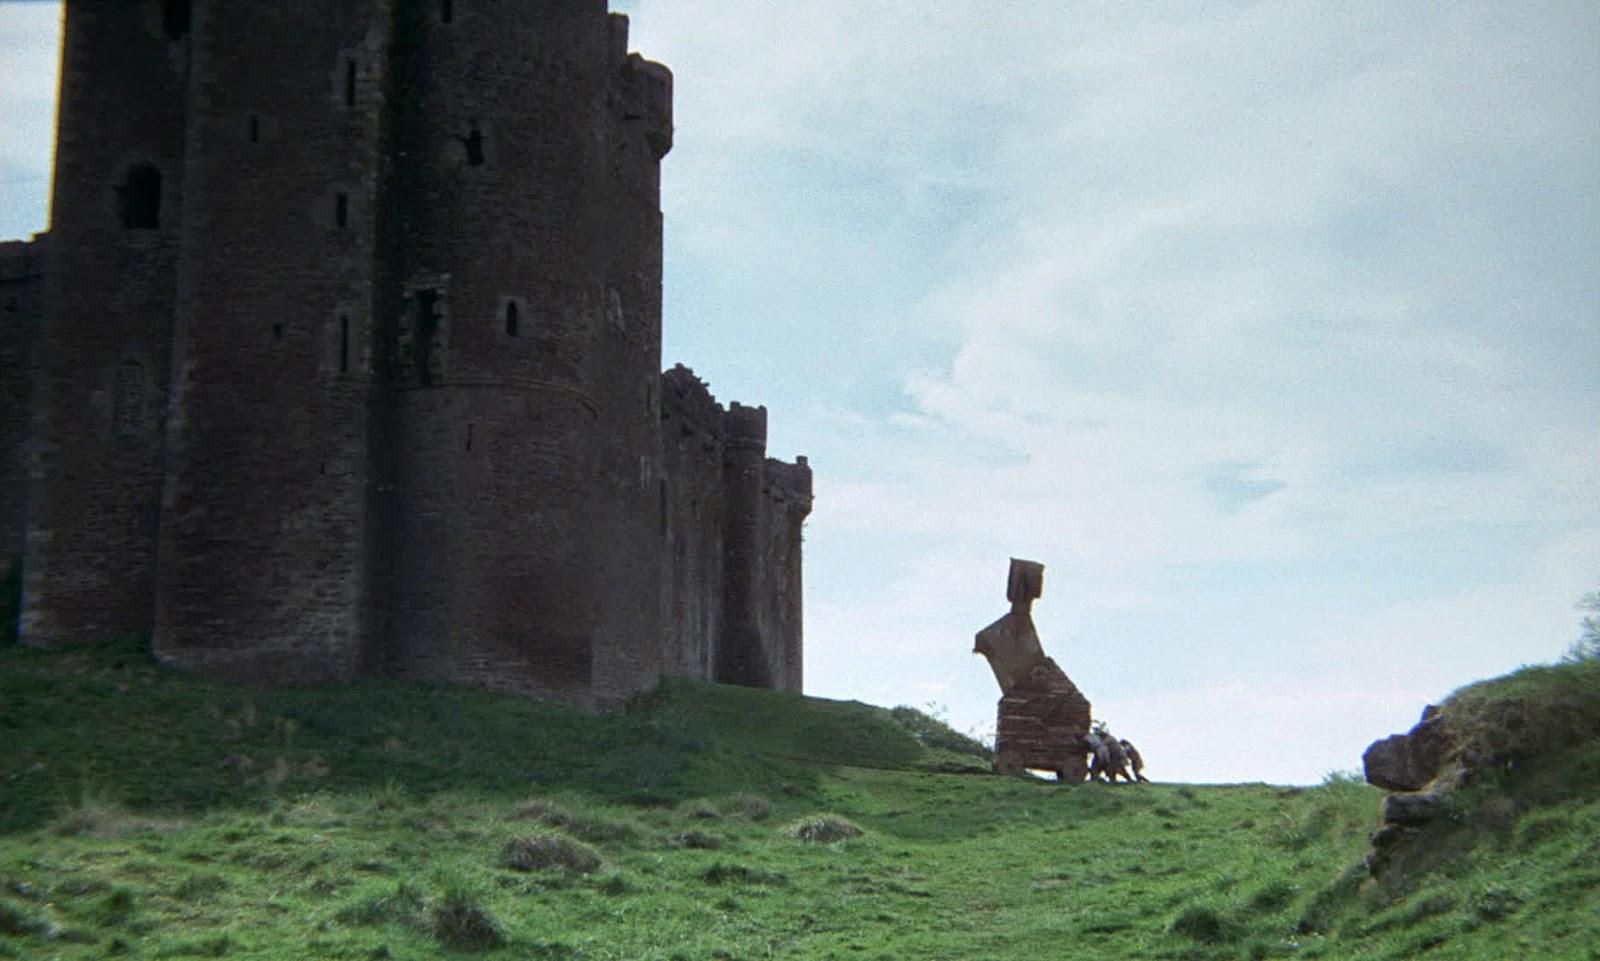 09fb2f75b Film Atlas (United Kingdom): Monty Python and the Holy Grail